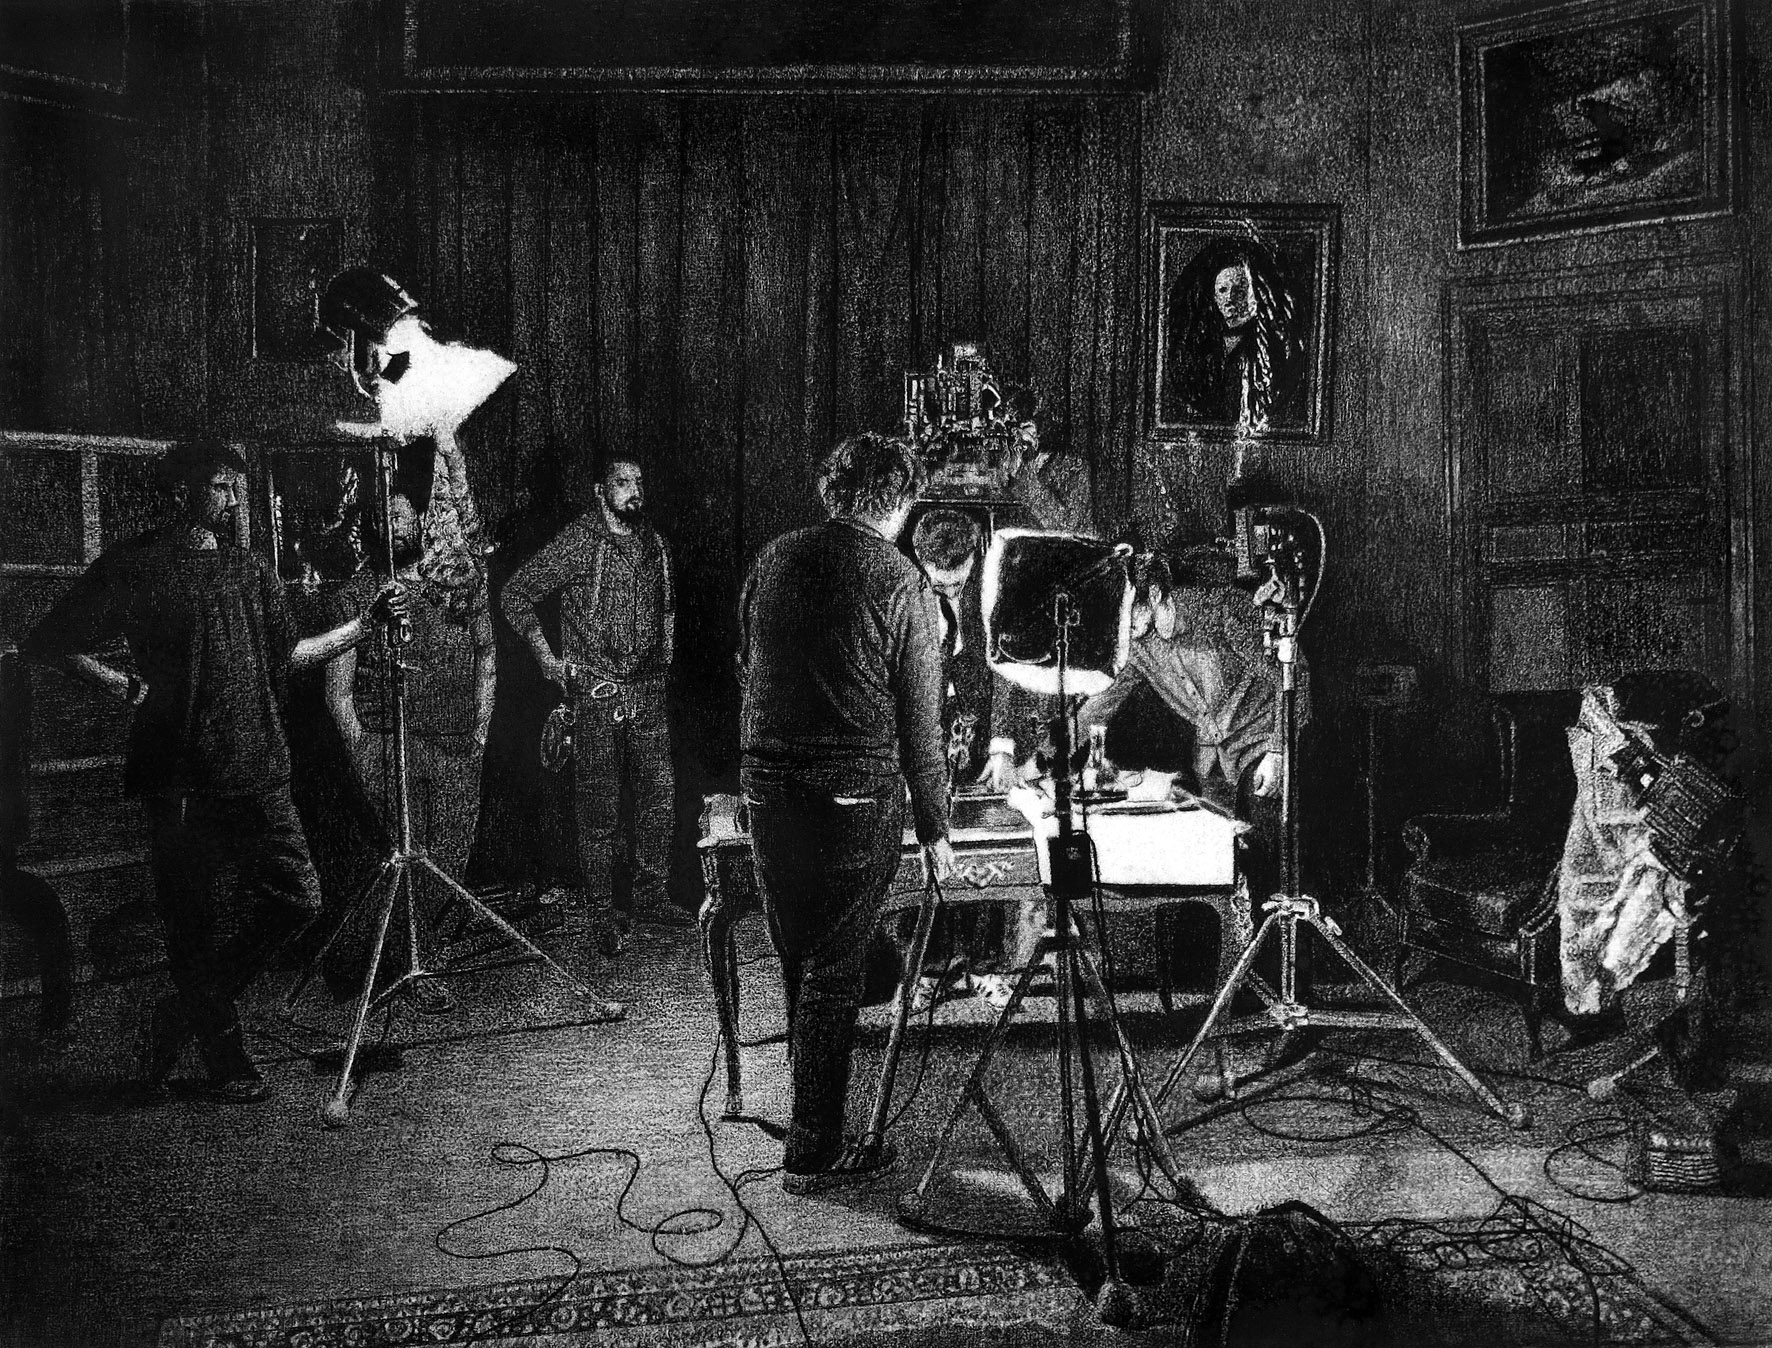 LEVY-LASNE-16 Le tournage (115x150cm fusain sur papier).jpg